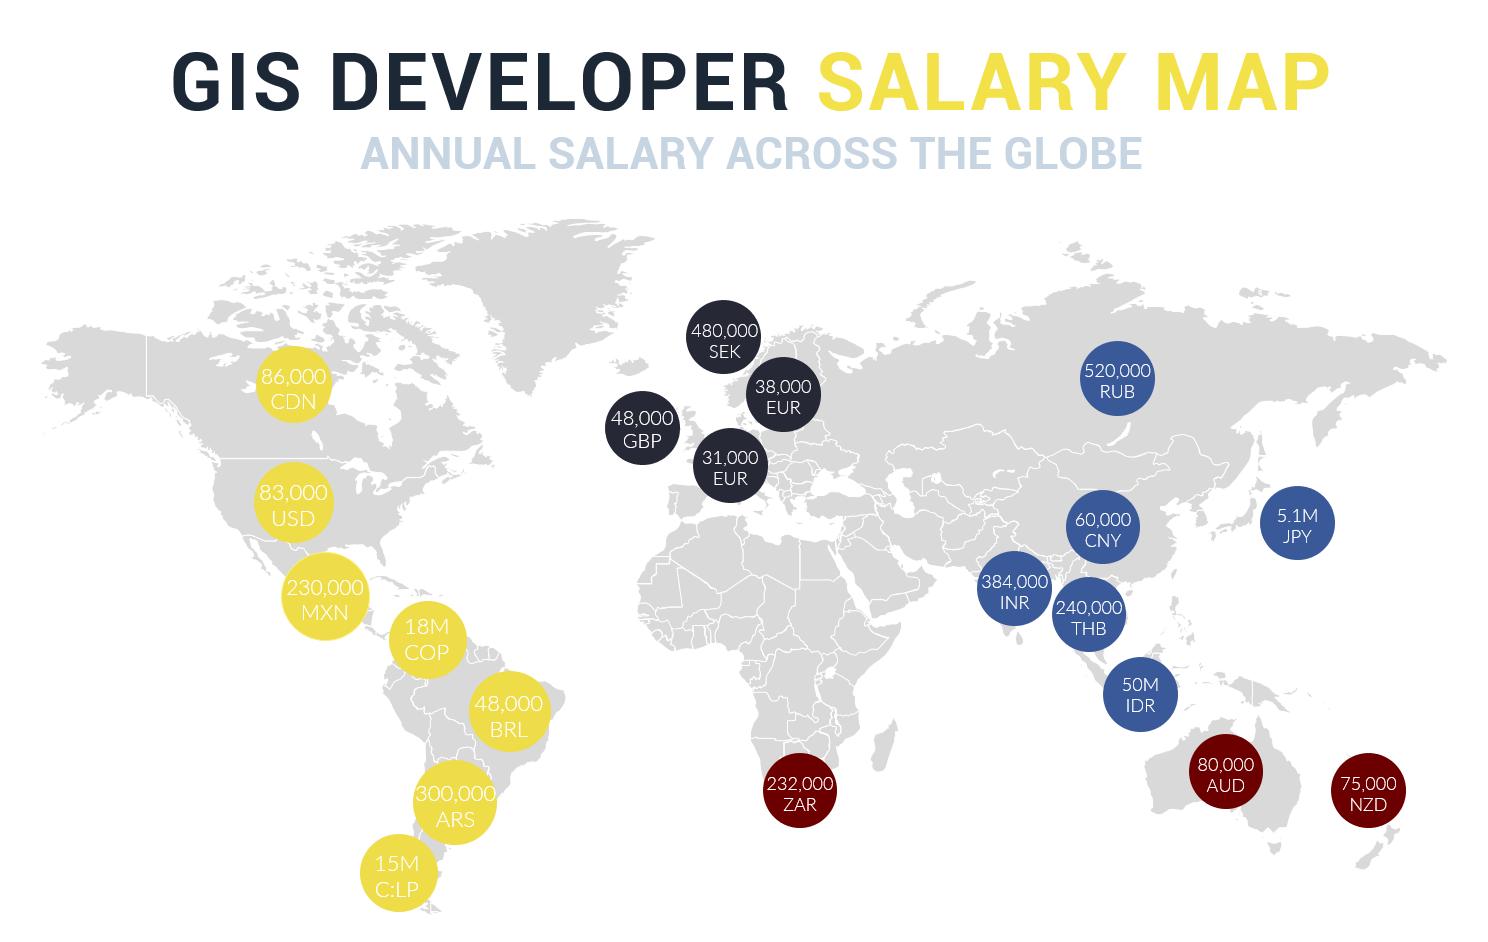 GIS Developer Salary Map